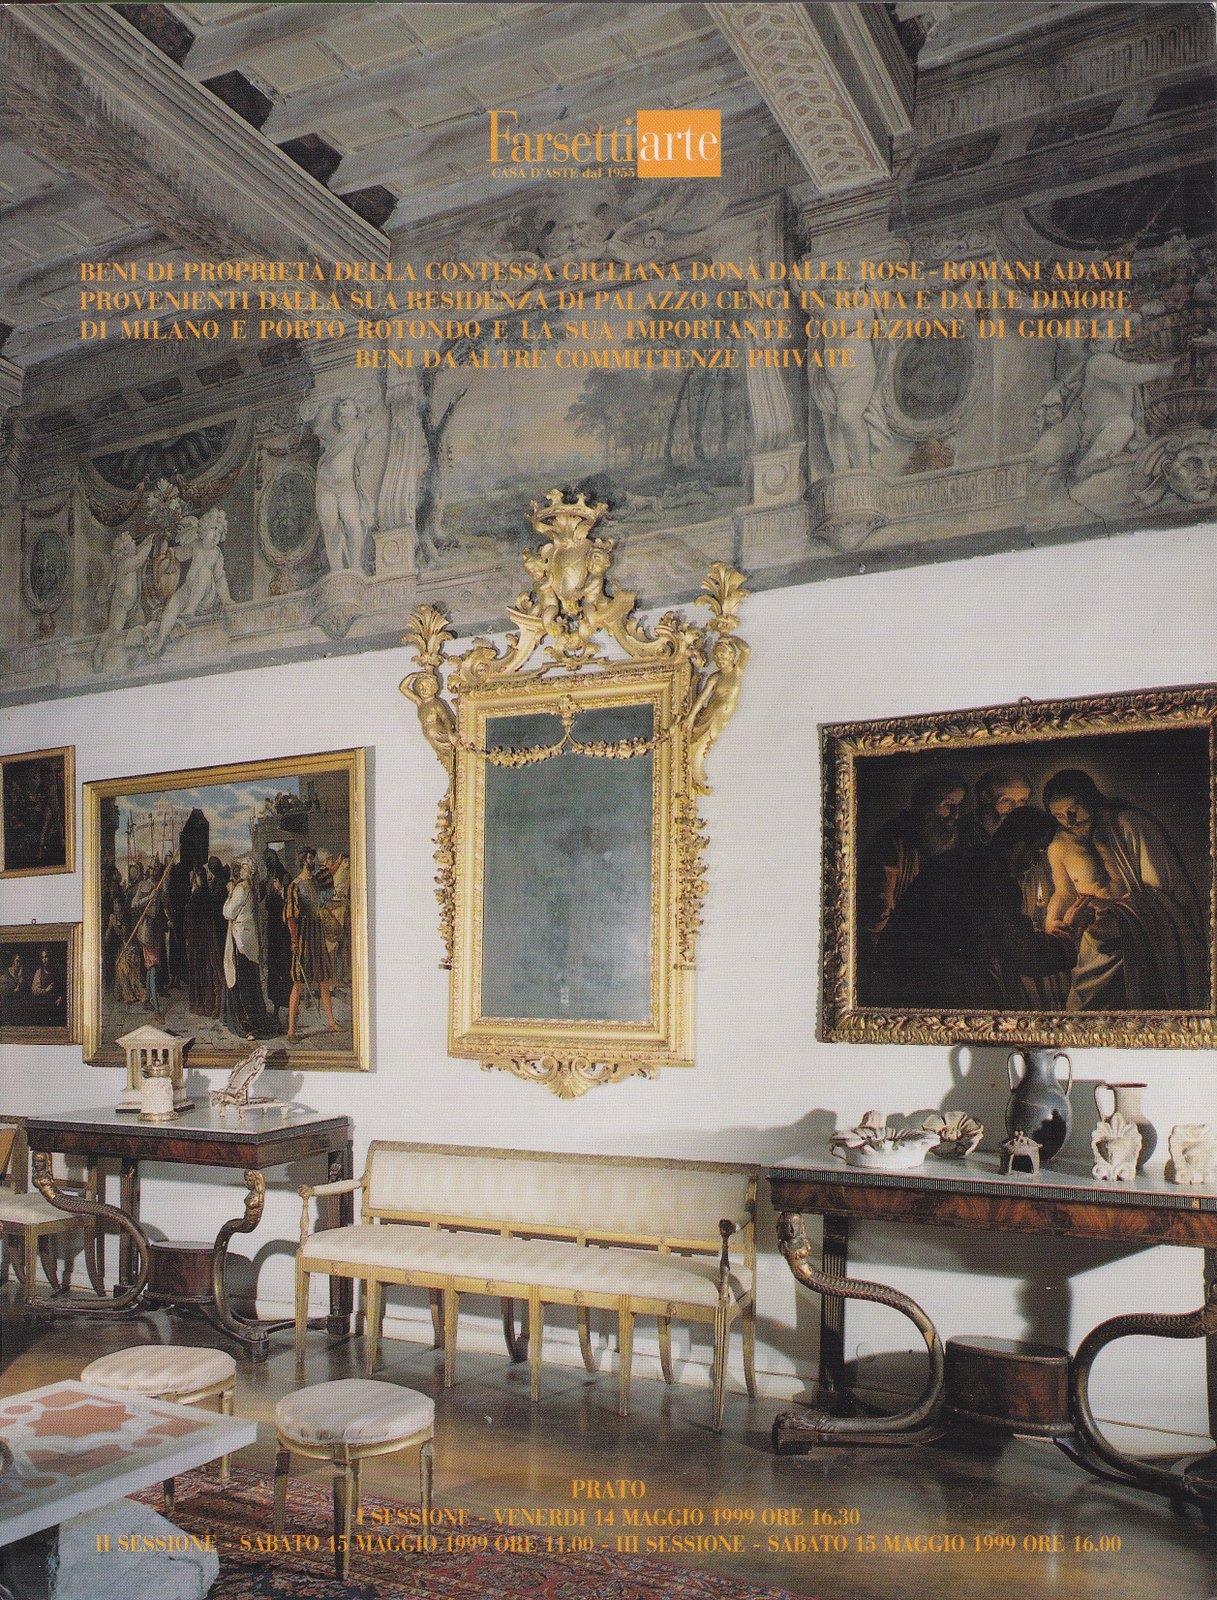 Beni di proprietà della contessa Giuliana Donà dalle Rose - Romani Adami provenienti dalla sua residenza di Palazzo Cenci in Roma e dalle dimore di Milano e Portorotondo, la sua importante collezione di gioielli e da altre committenze private